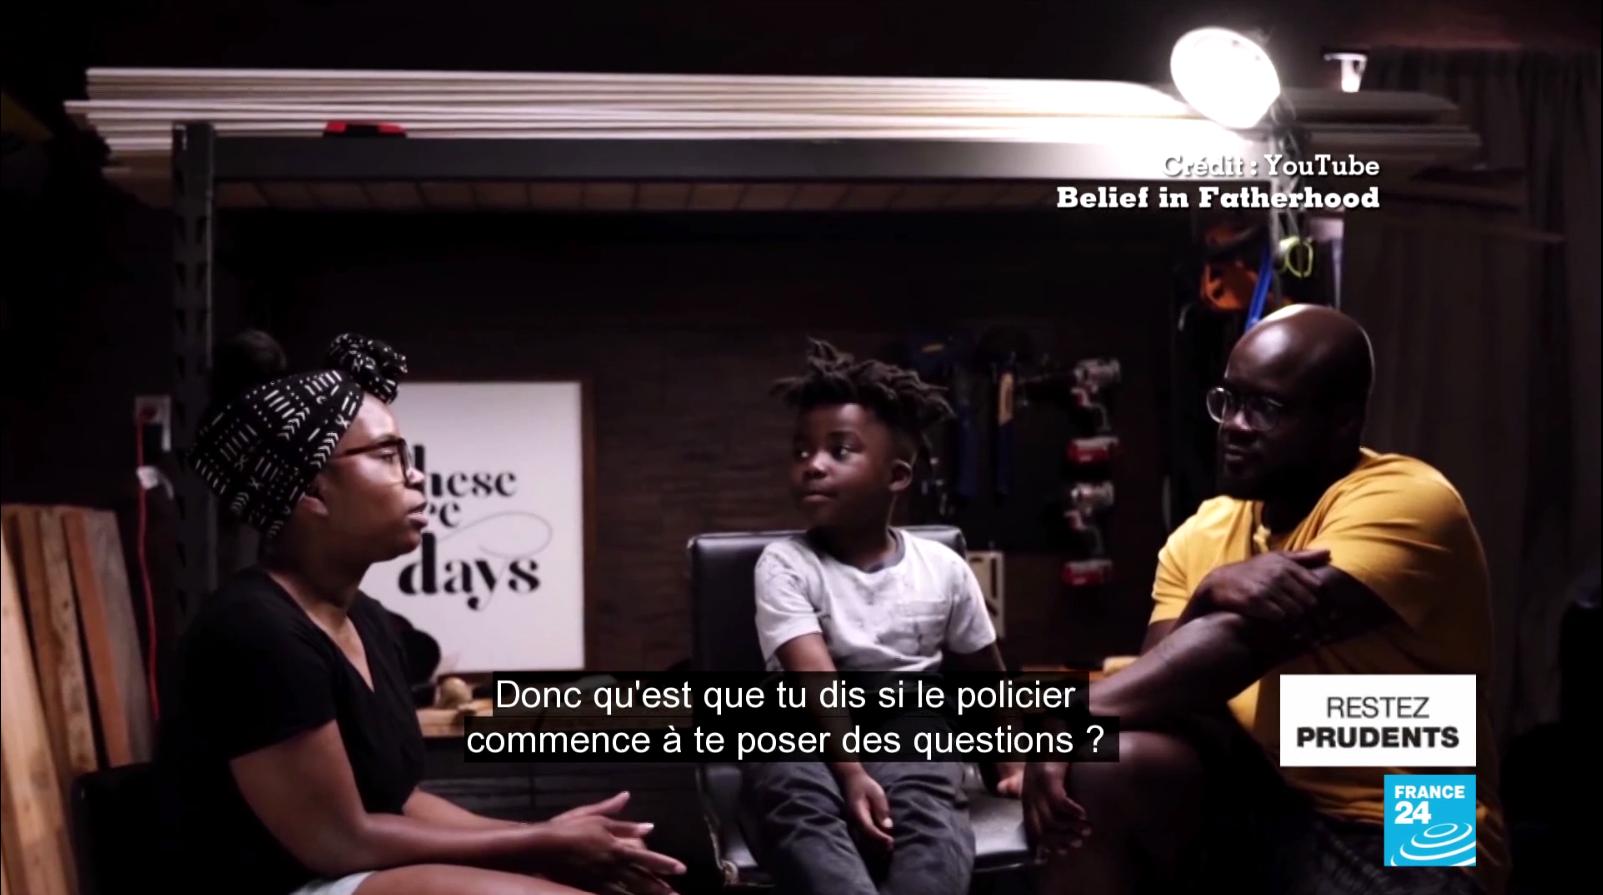 Glenn et Yvette Henry apprennent à leur fils comment réagir face à un policier dans une vidéo publiée sur leur chaîne YouTube Belief In Fatherhood.